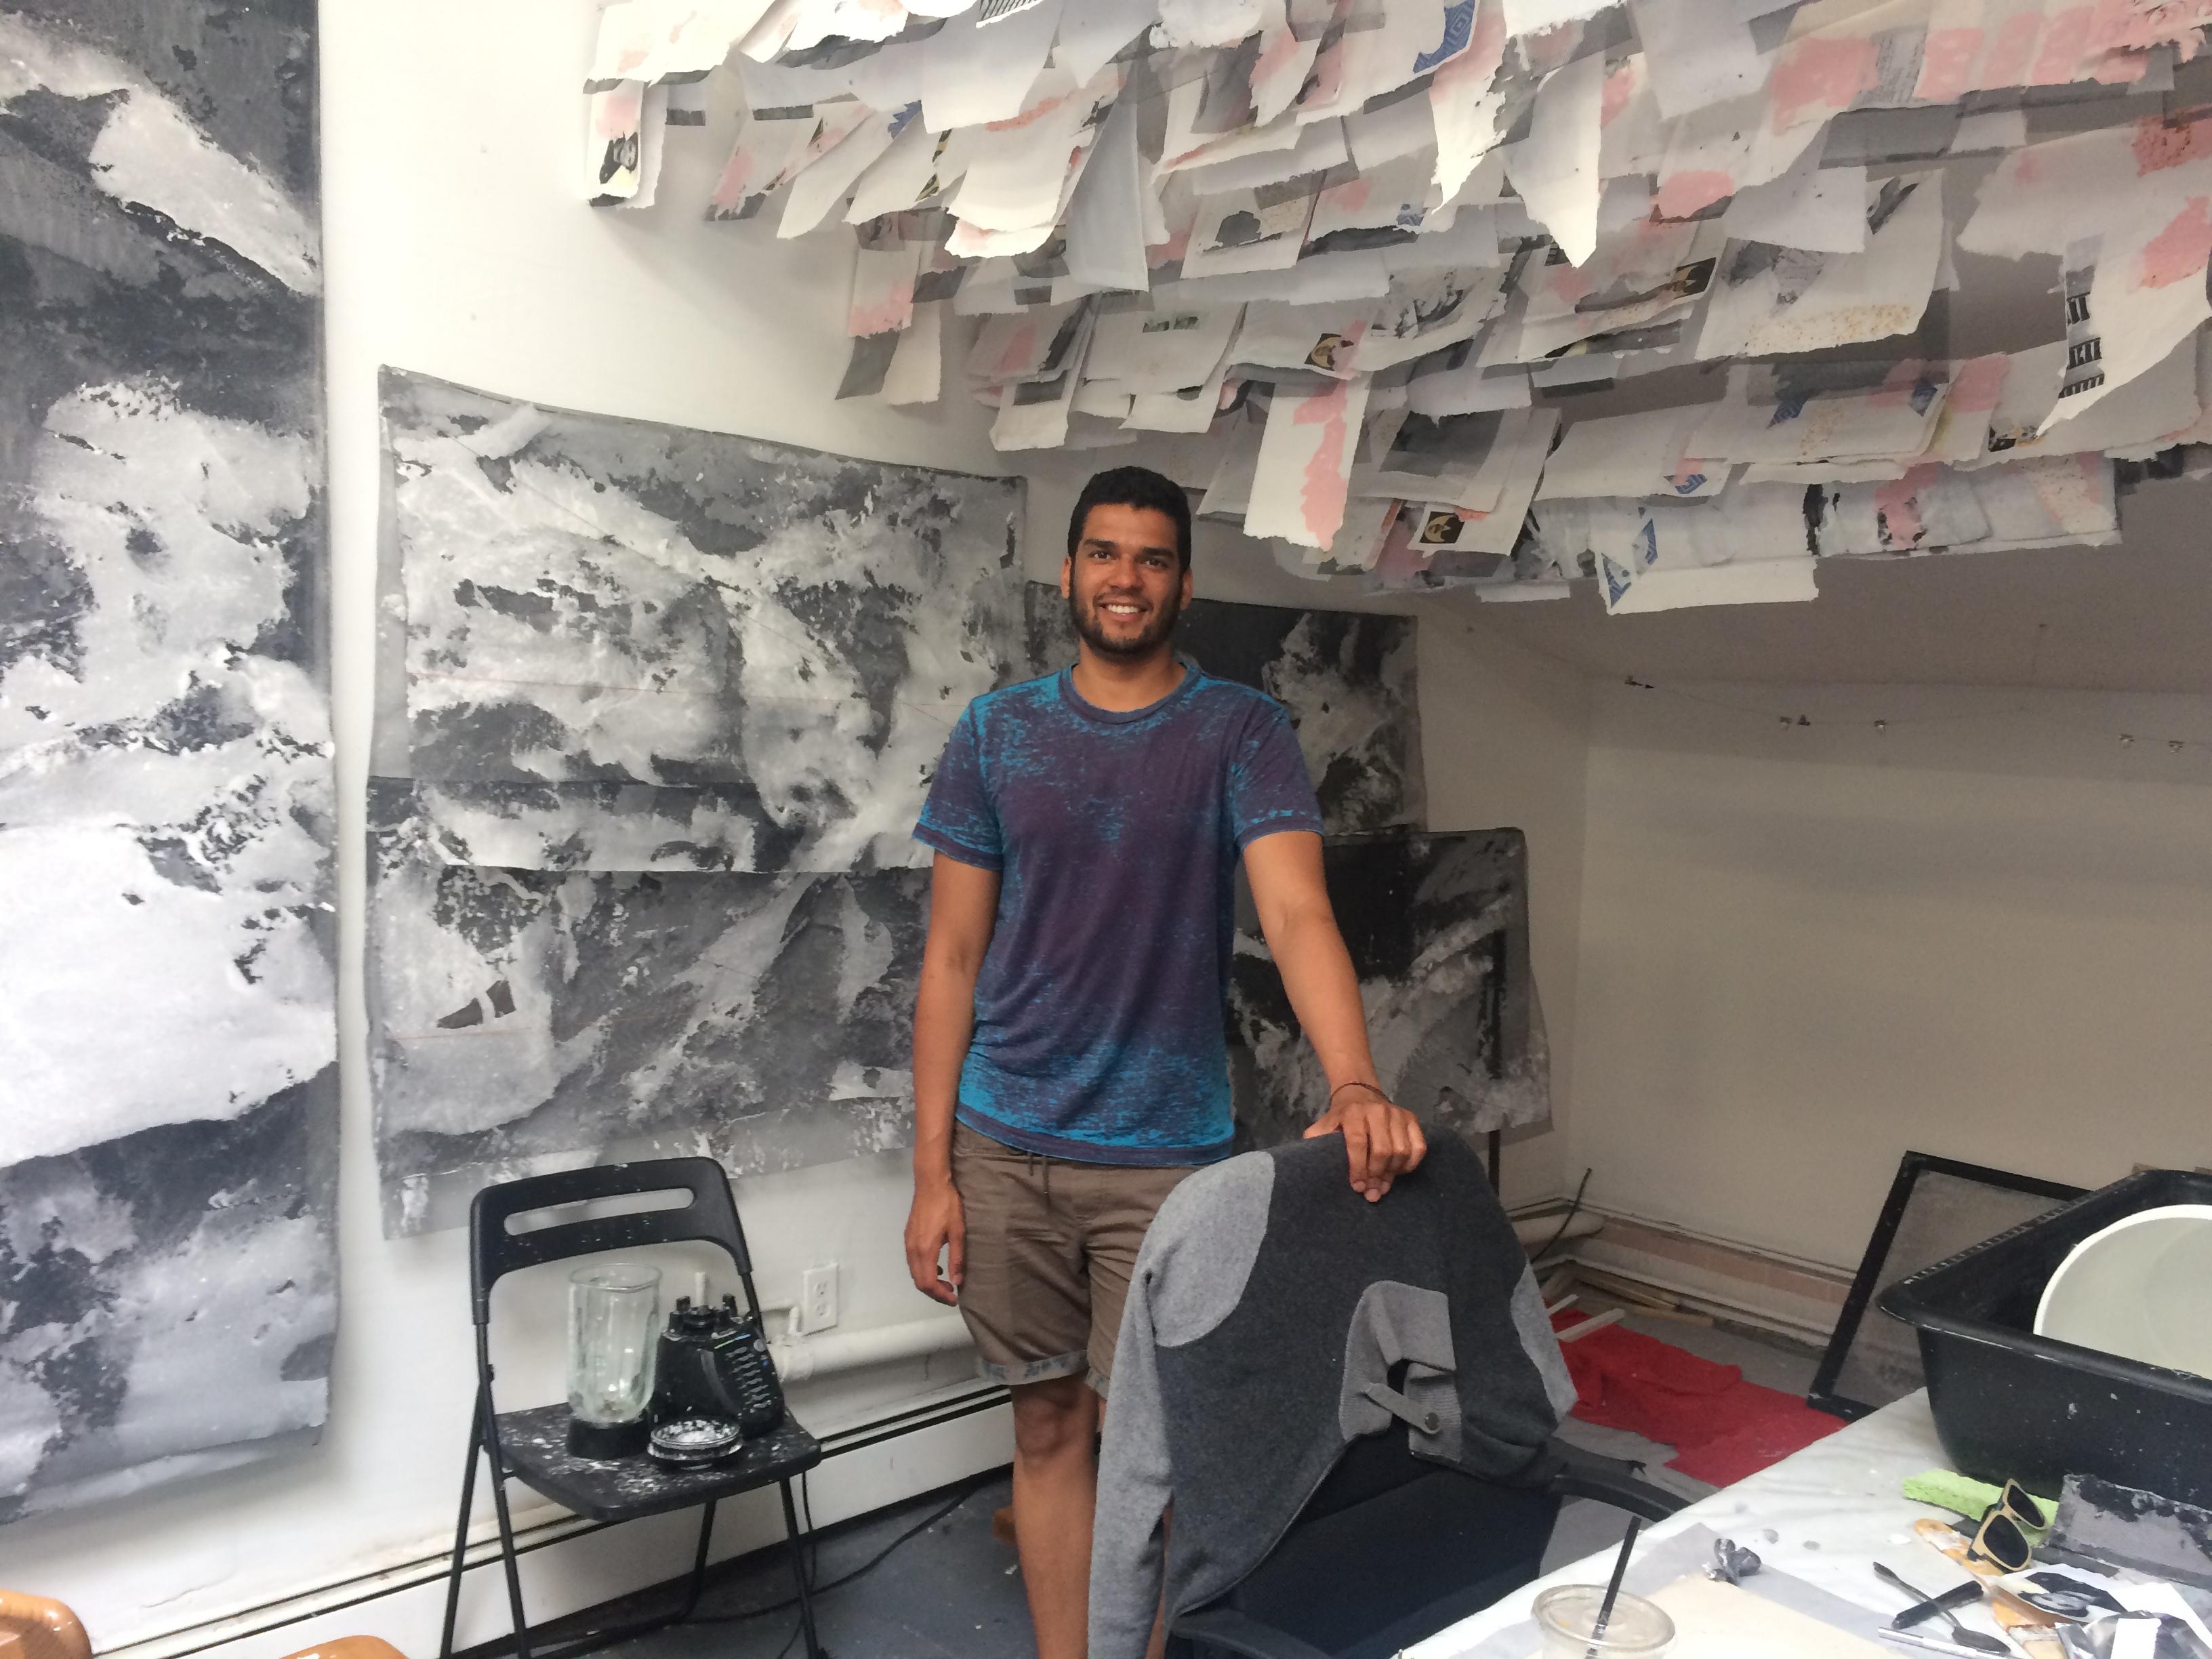 Tahir Karmali in his studio at Trestle Gallery, Brooklyn, June 2017